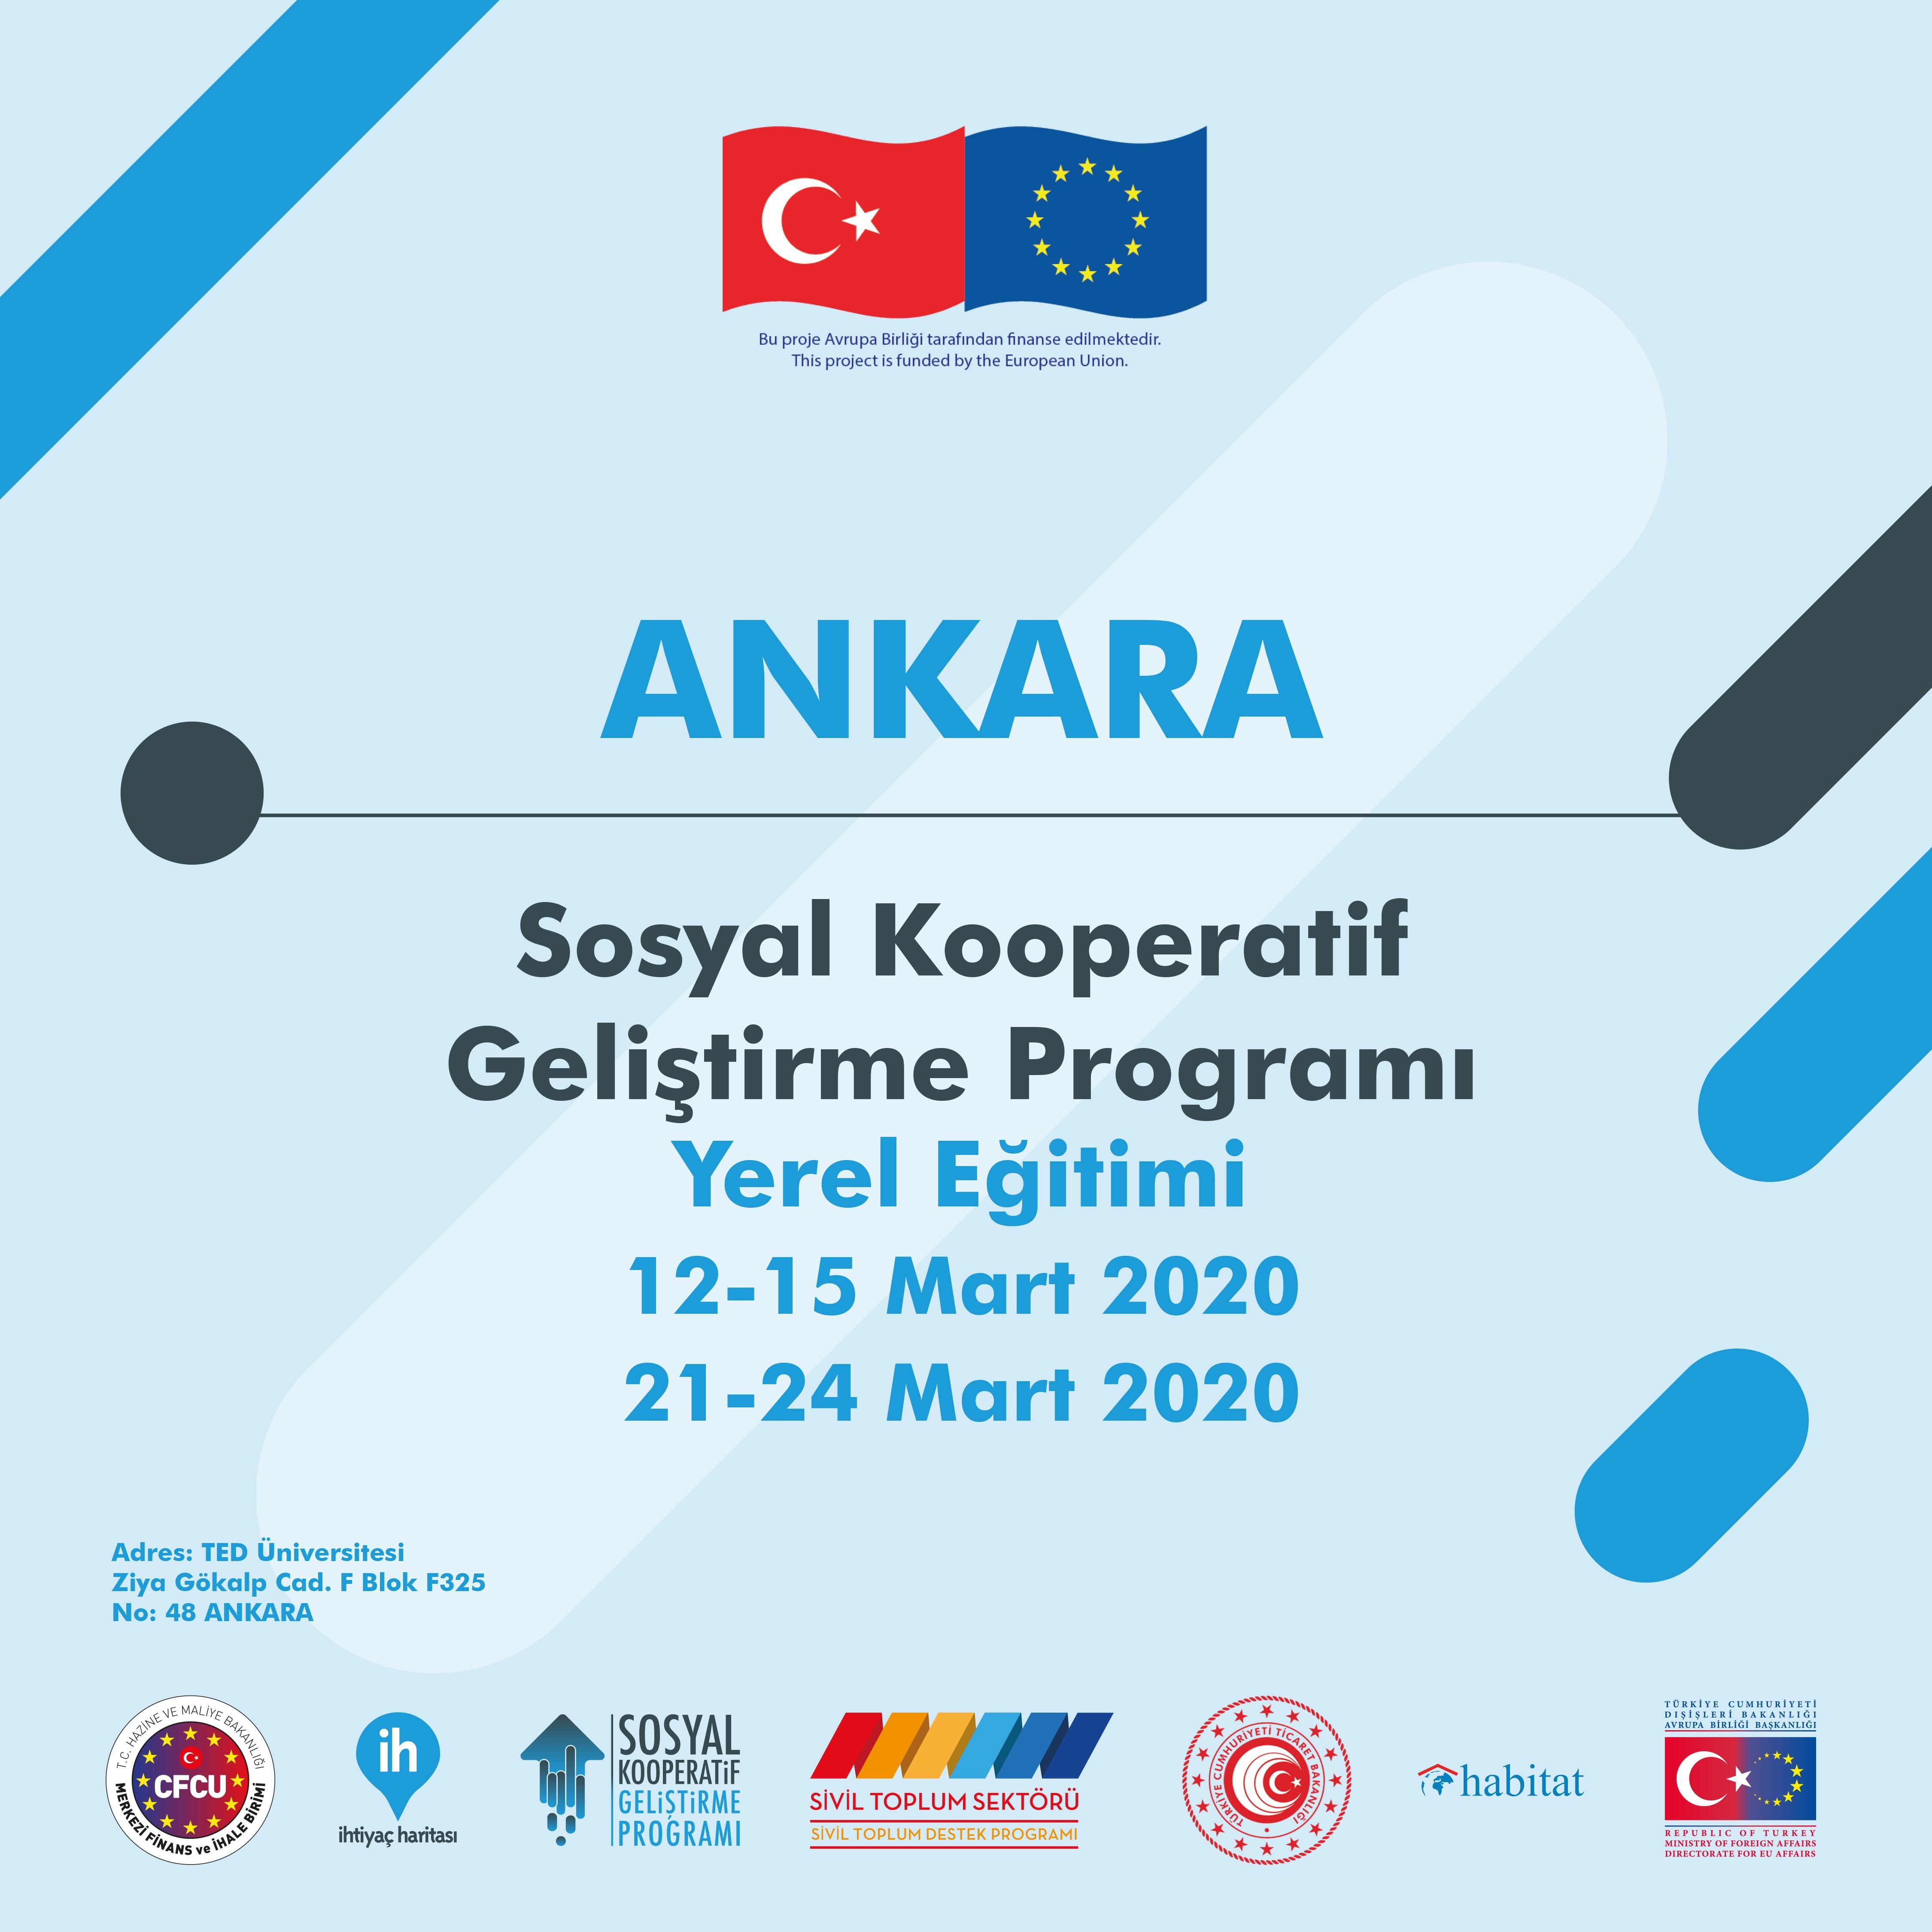 Sosyal Kooperatif Geliştirme Programı Ankara Eğitimi Başvuruları açıldı!